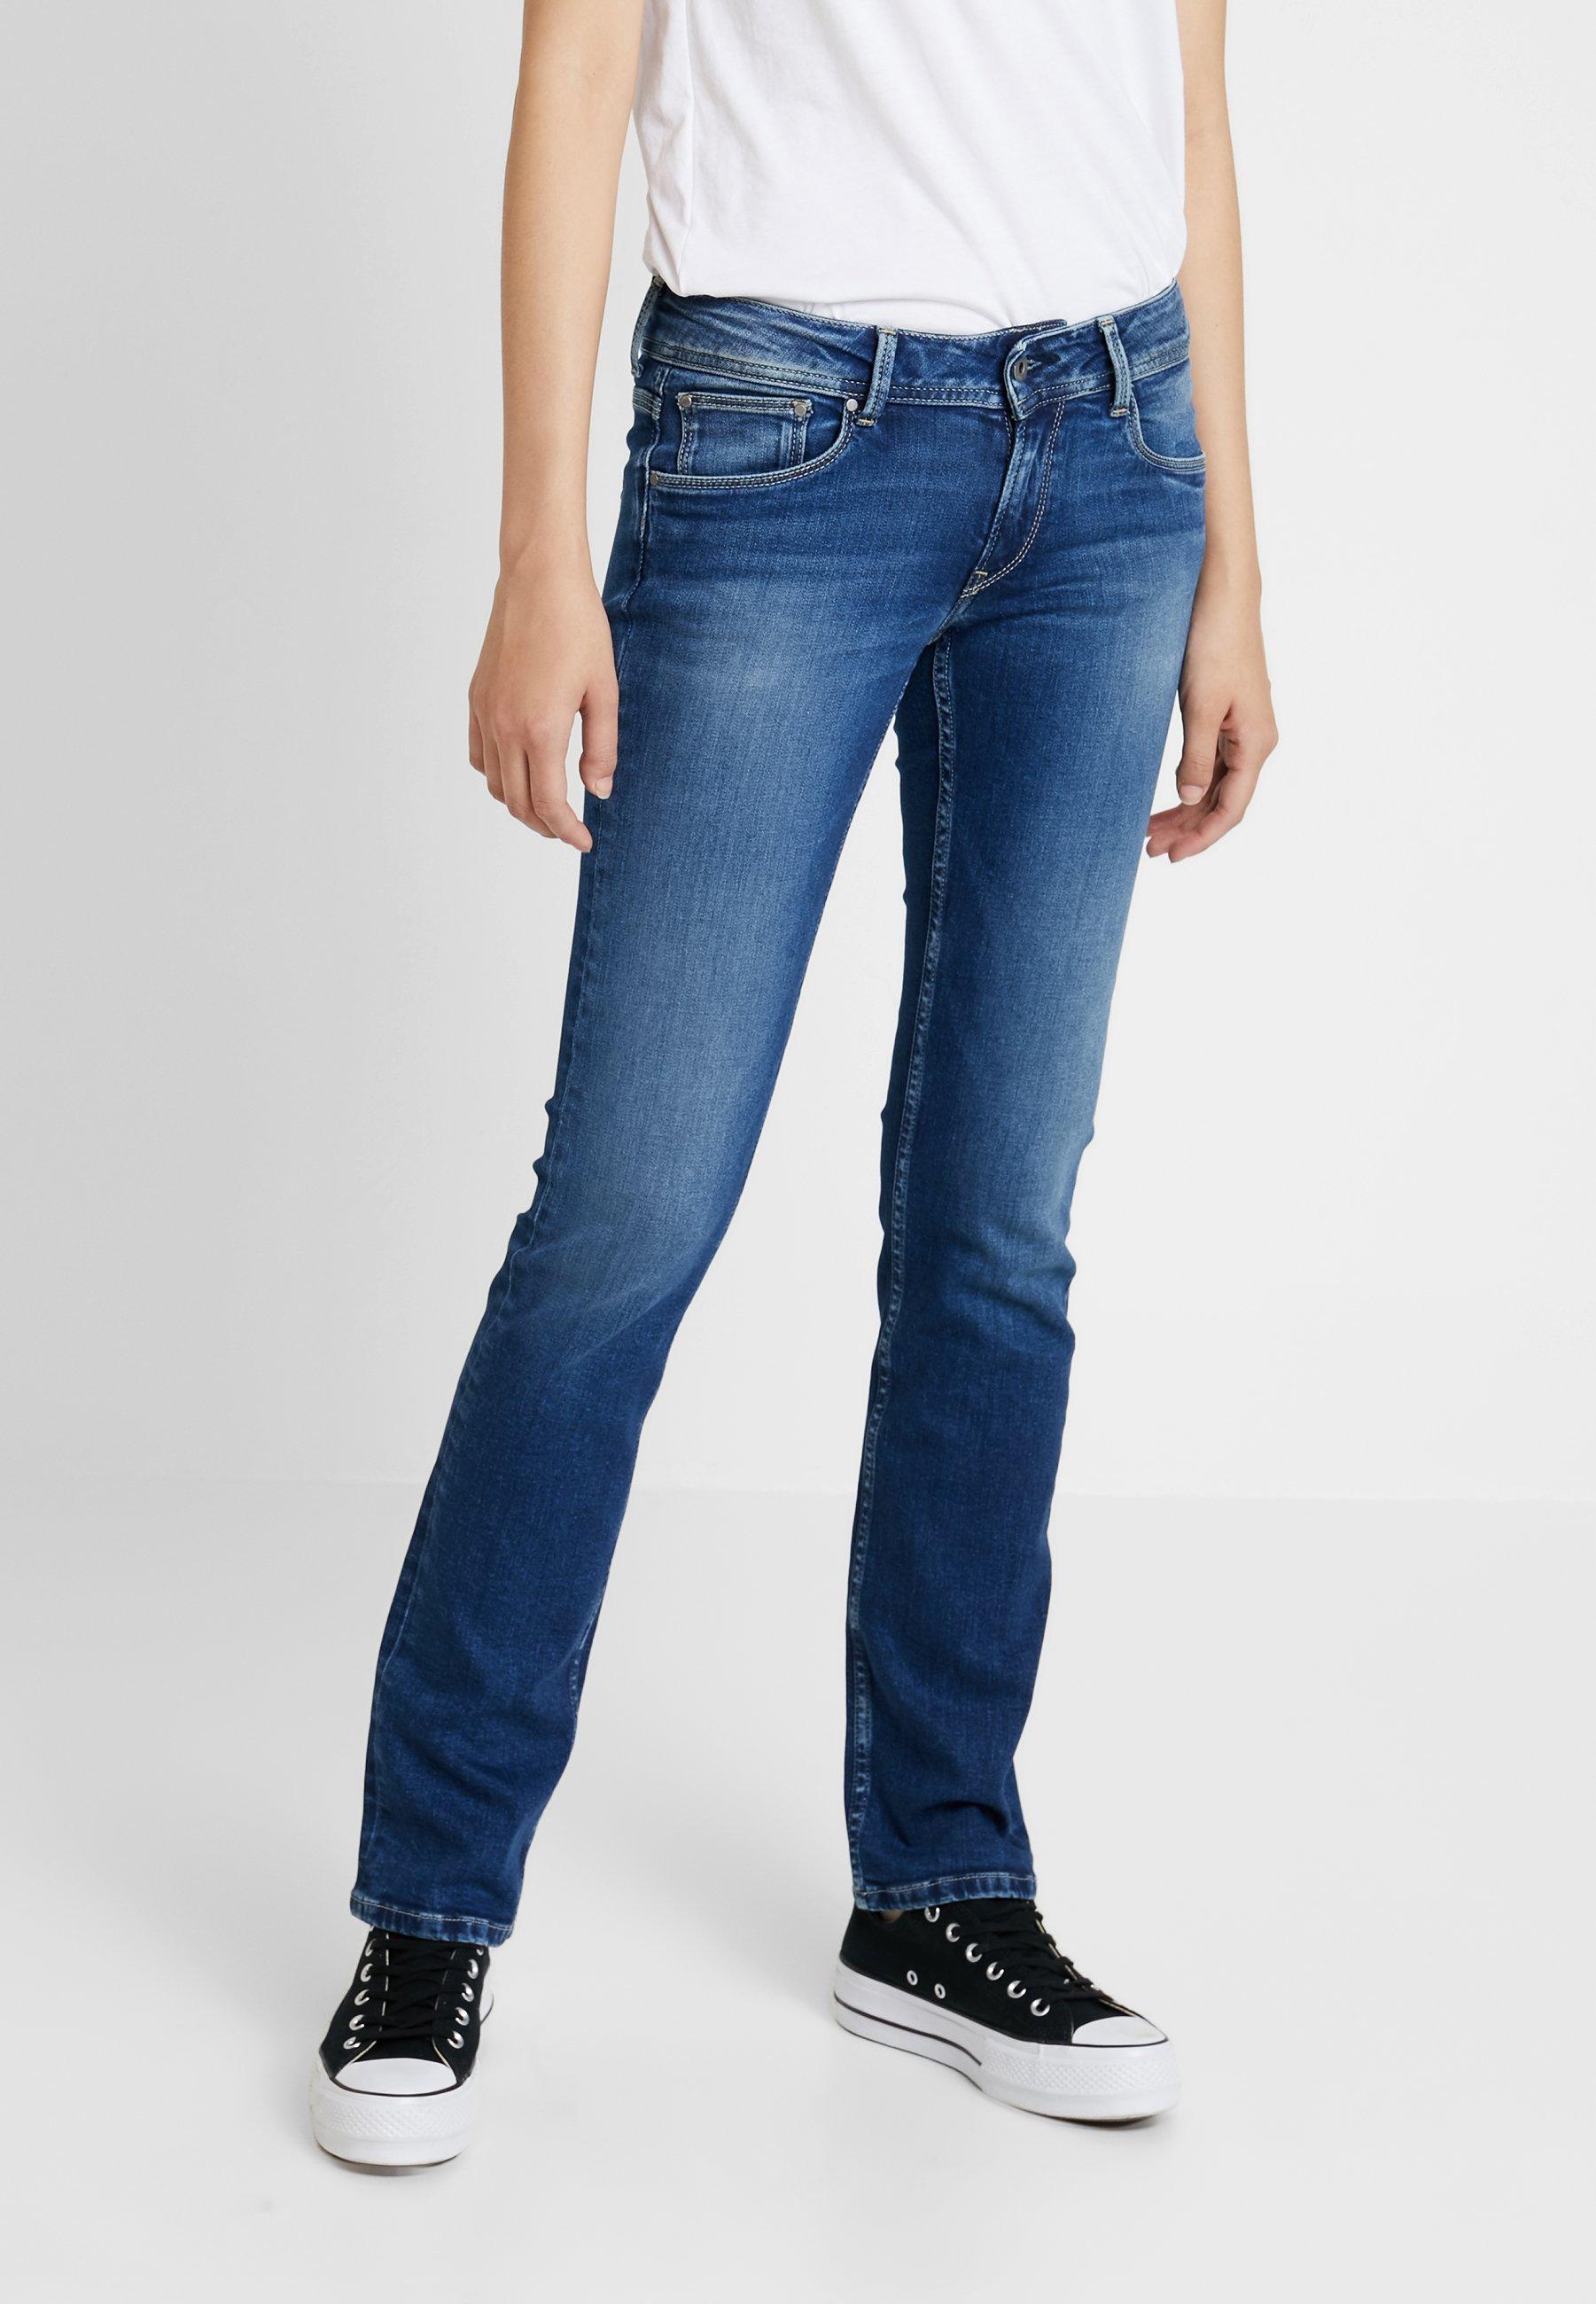 Blue Denim Droit Stone Jeans Pepe HollyJean rxedBoCW